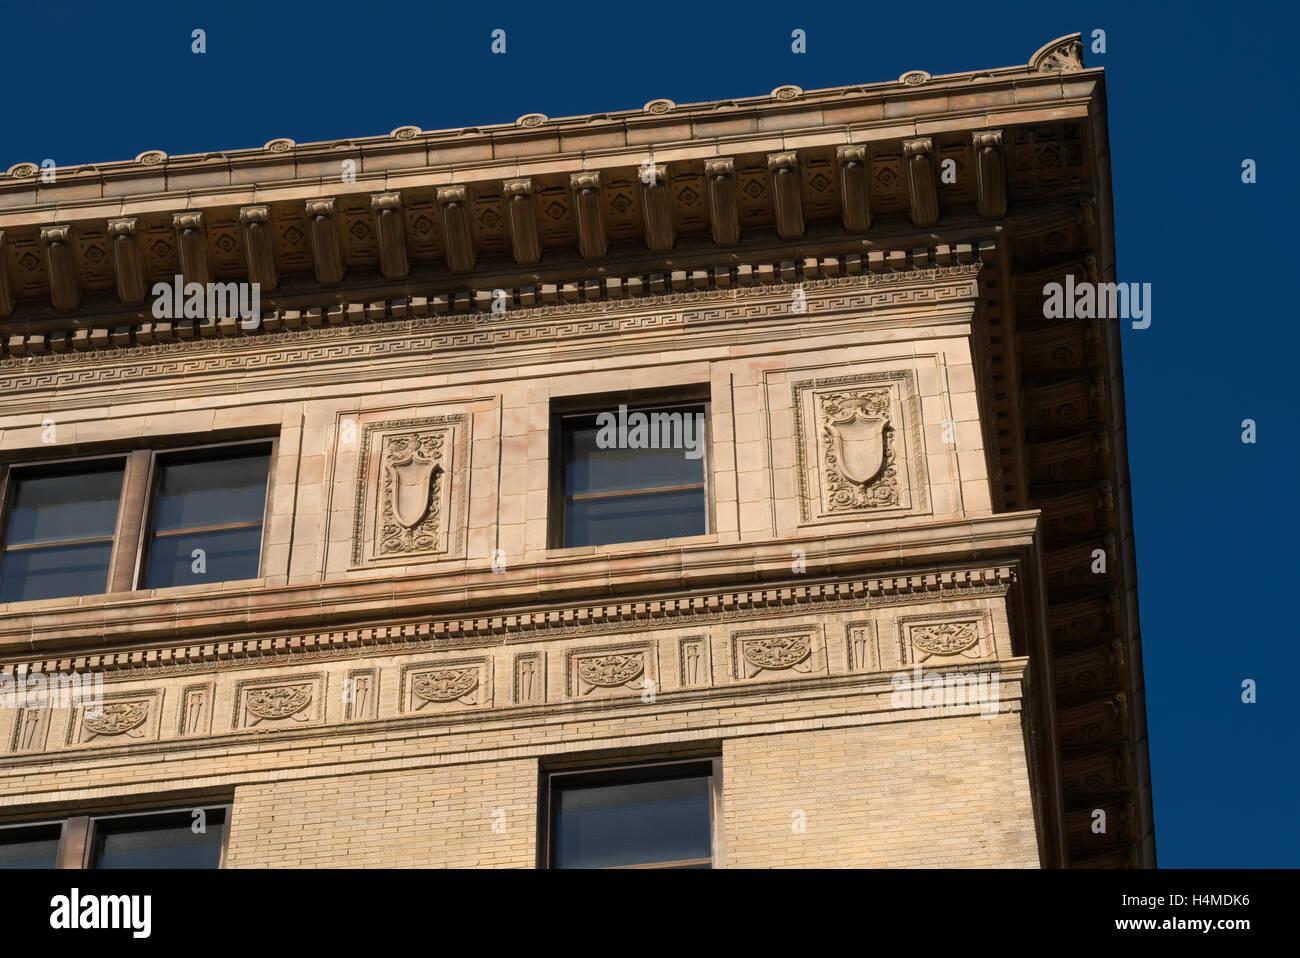 Revival rinascimentale architettura di stile grattacielo a W 3 e a nord dalle strade principali. Winston Salem NC. Immagini Stock